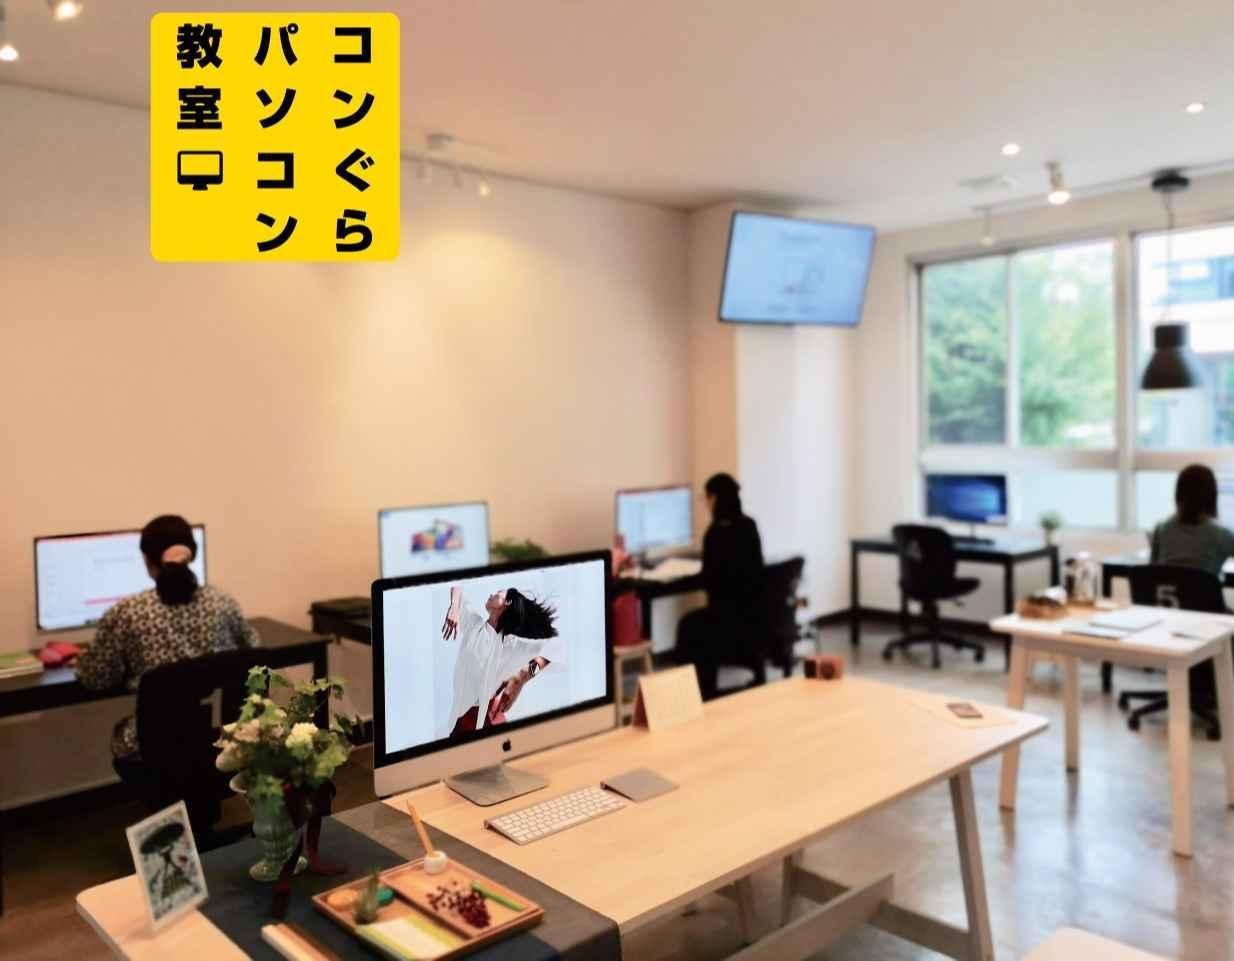 コンぐらパソコン教室